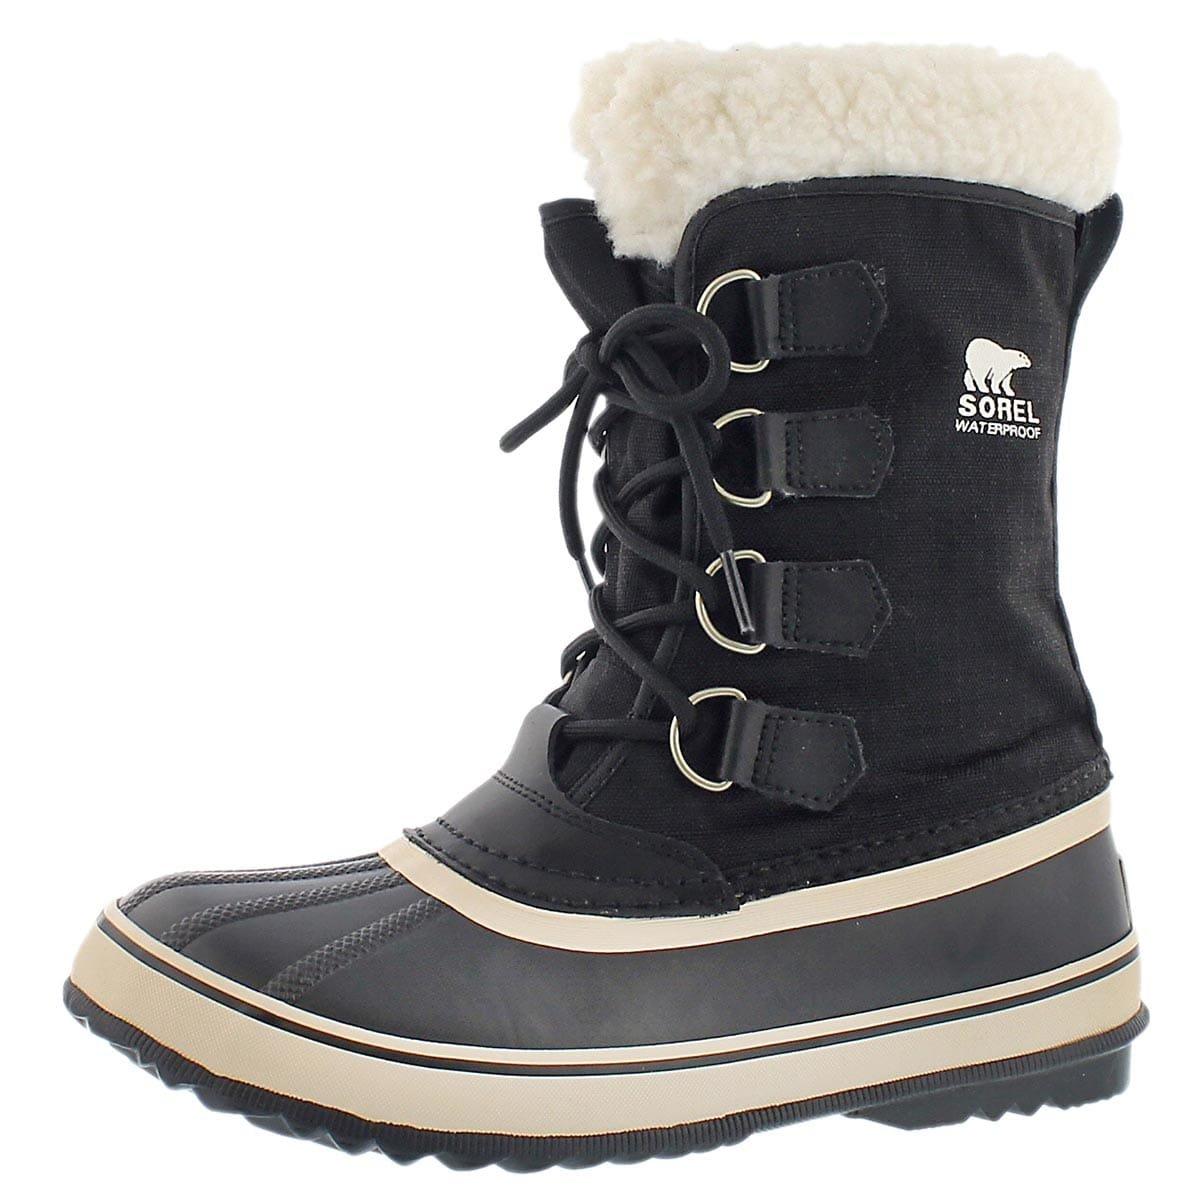 Sorel Women's Winter Carnival Waterproof Winter Boot Black 9 M US